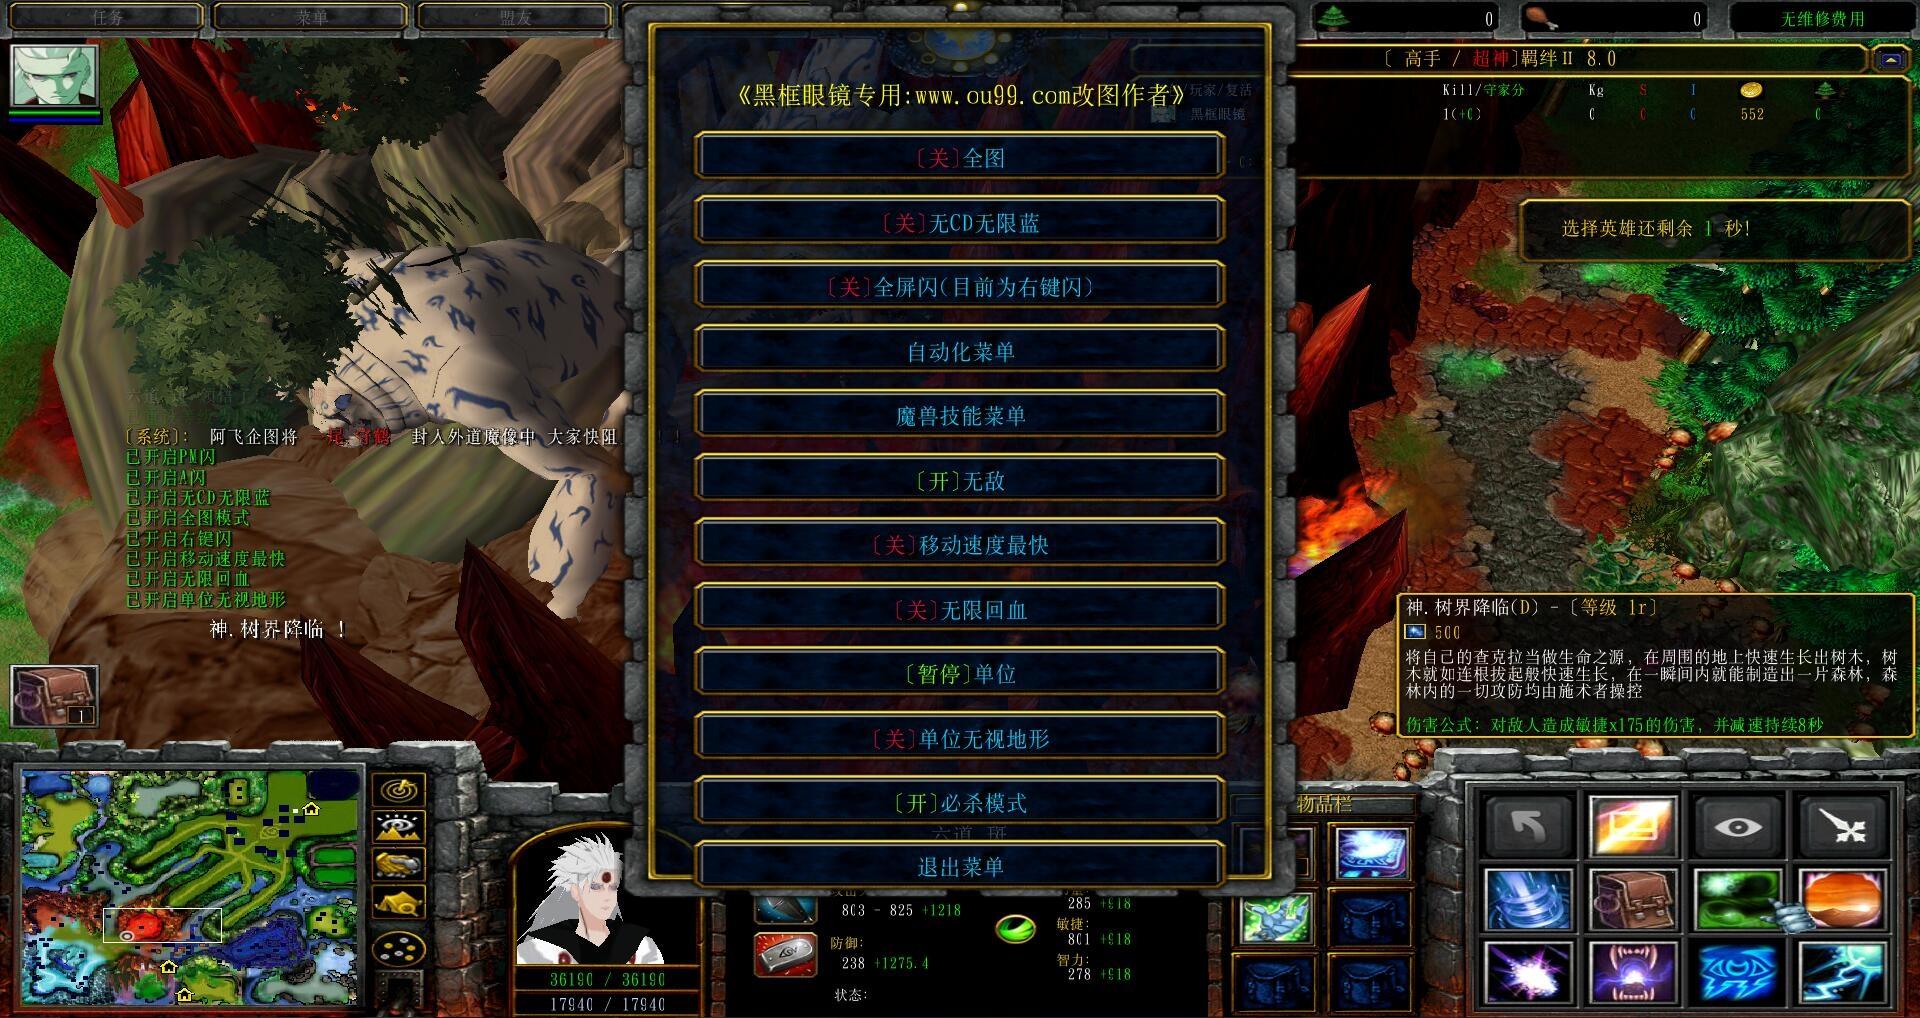 火影忍者羈絆II 8.0.0黑式破解 全限定英雄+仙人之魂禮包+去除平臺限制+無CD全屏閃